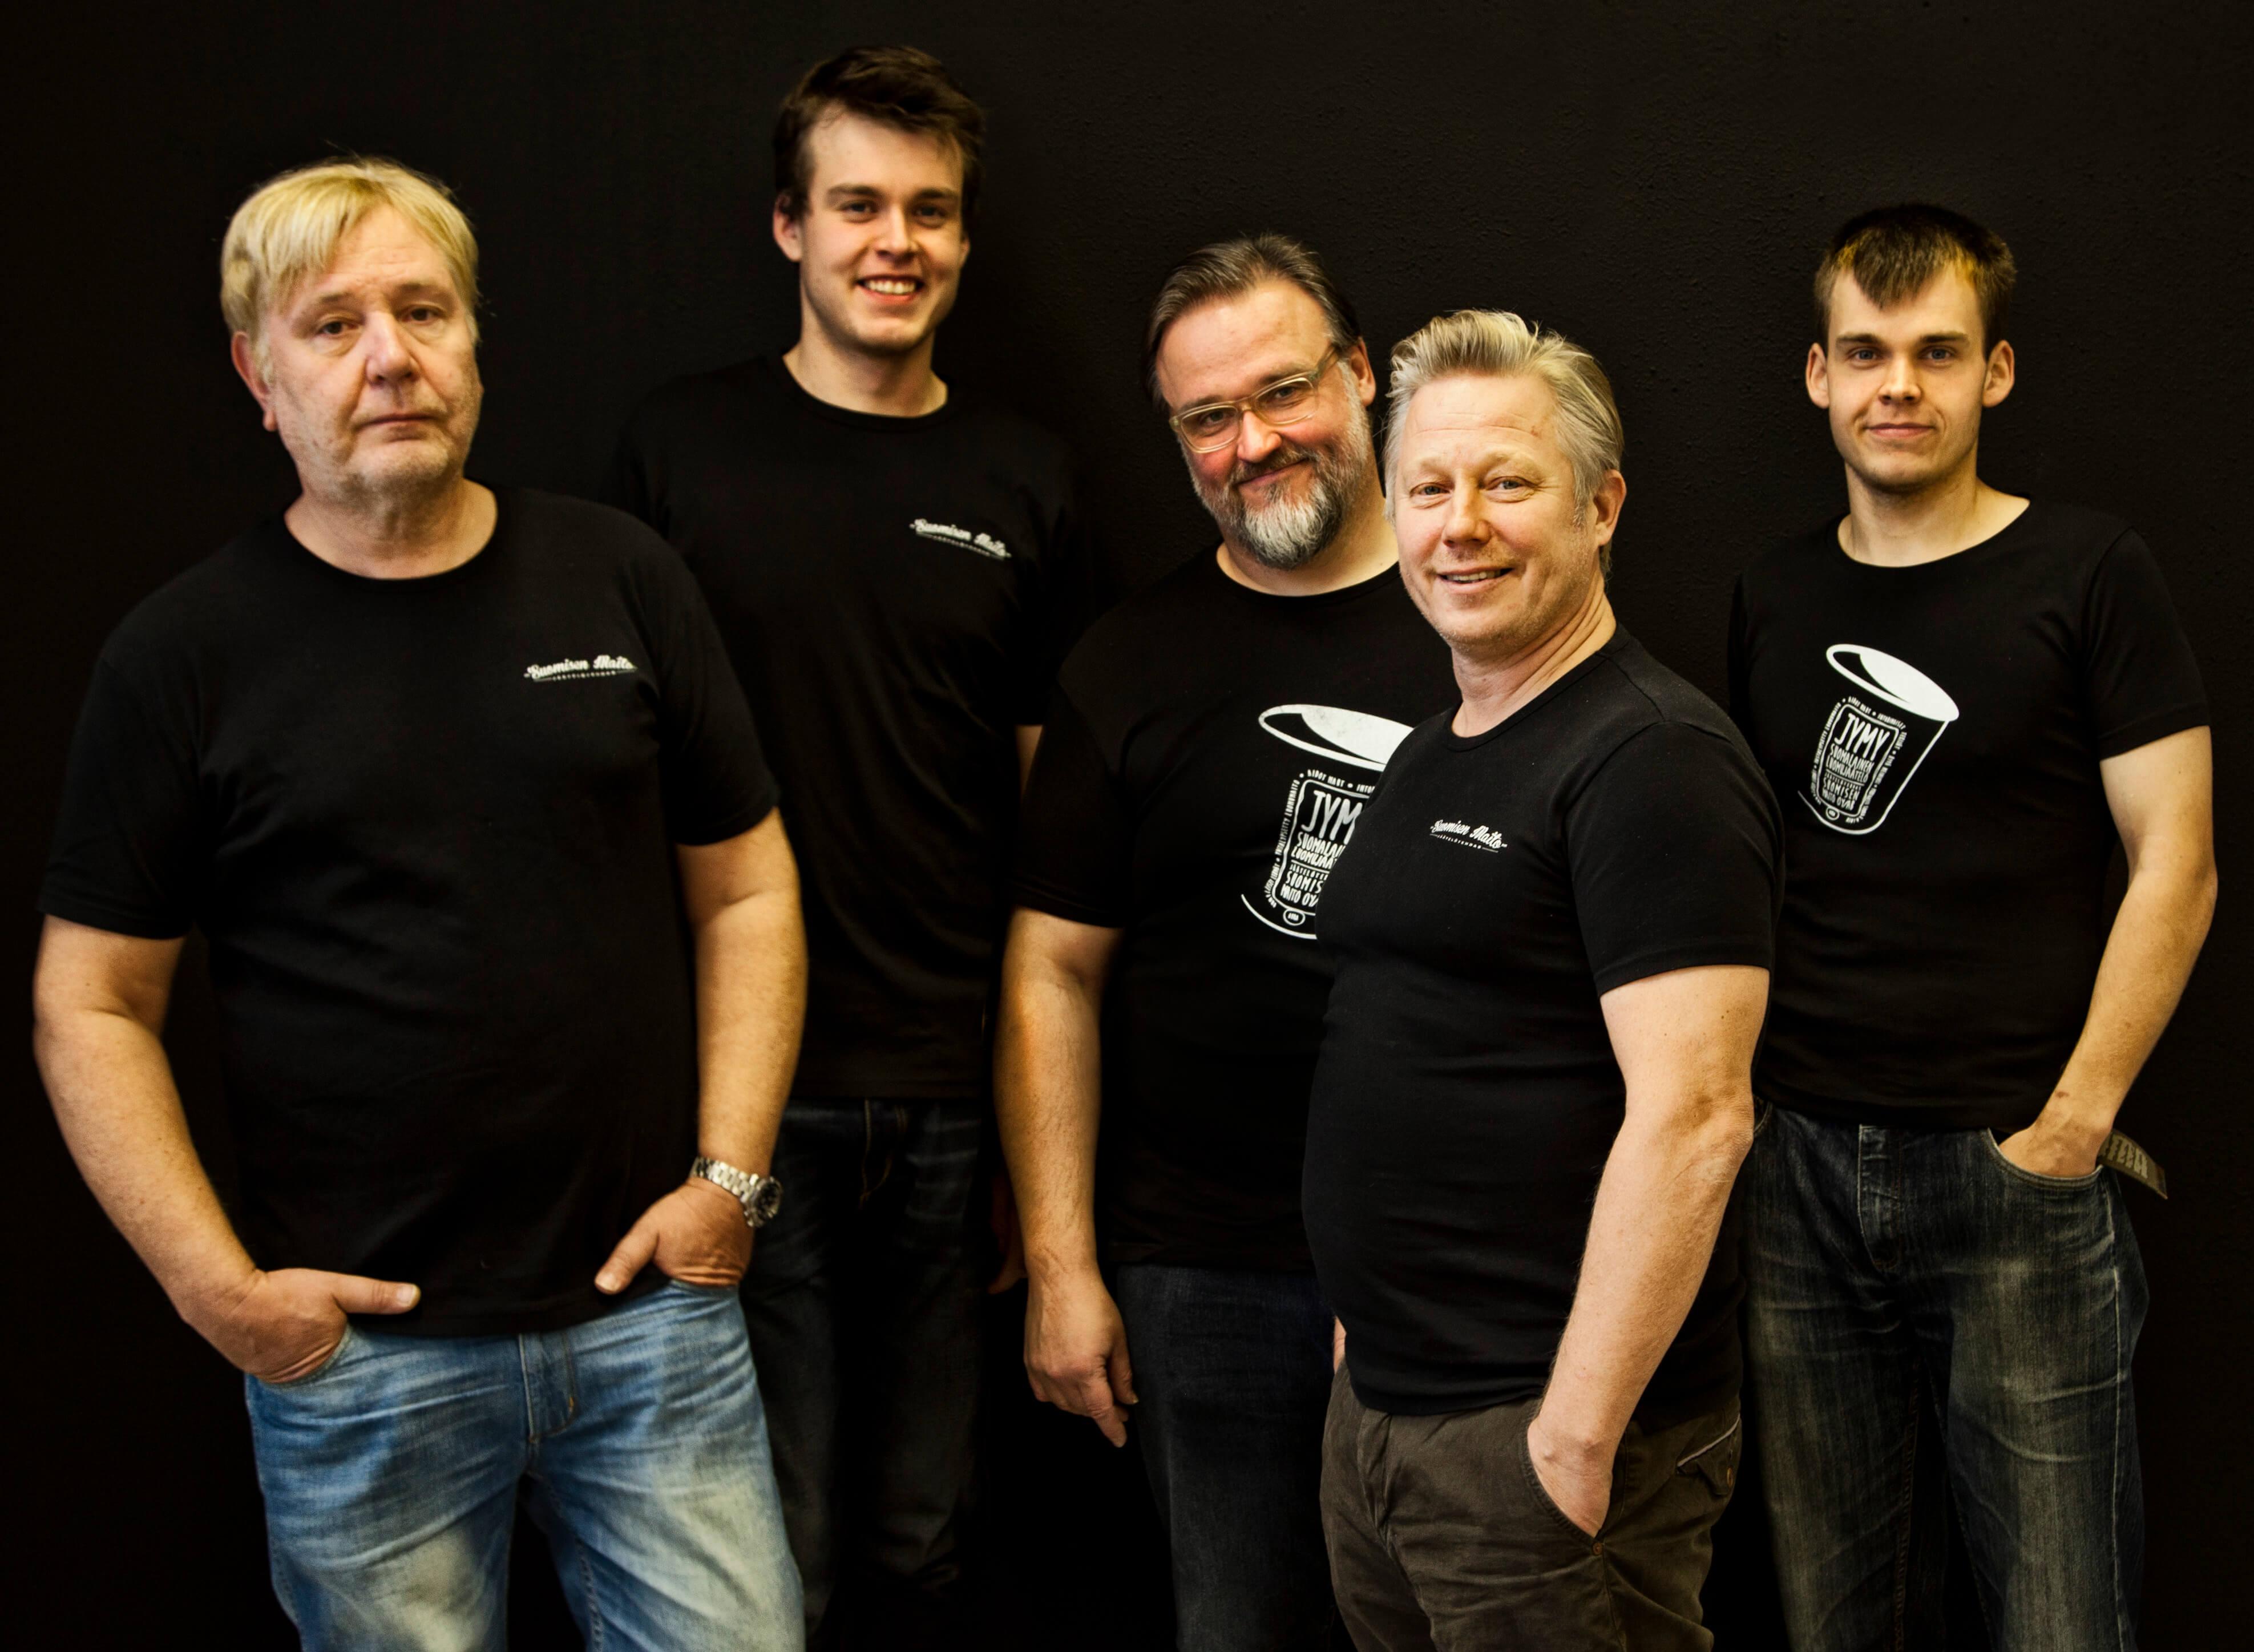 Het team van Jymy met in het midden Horst Neumann